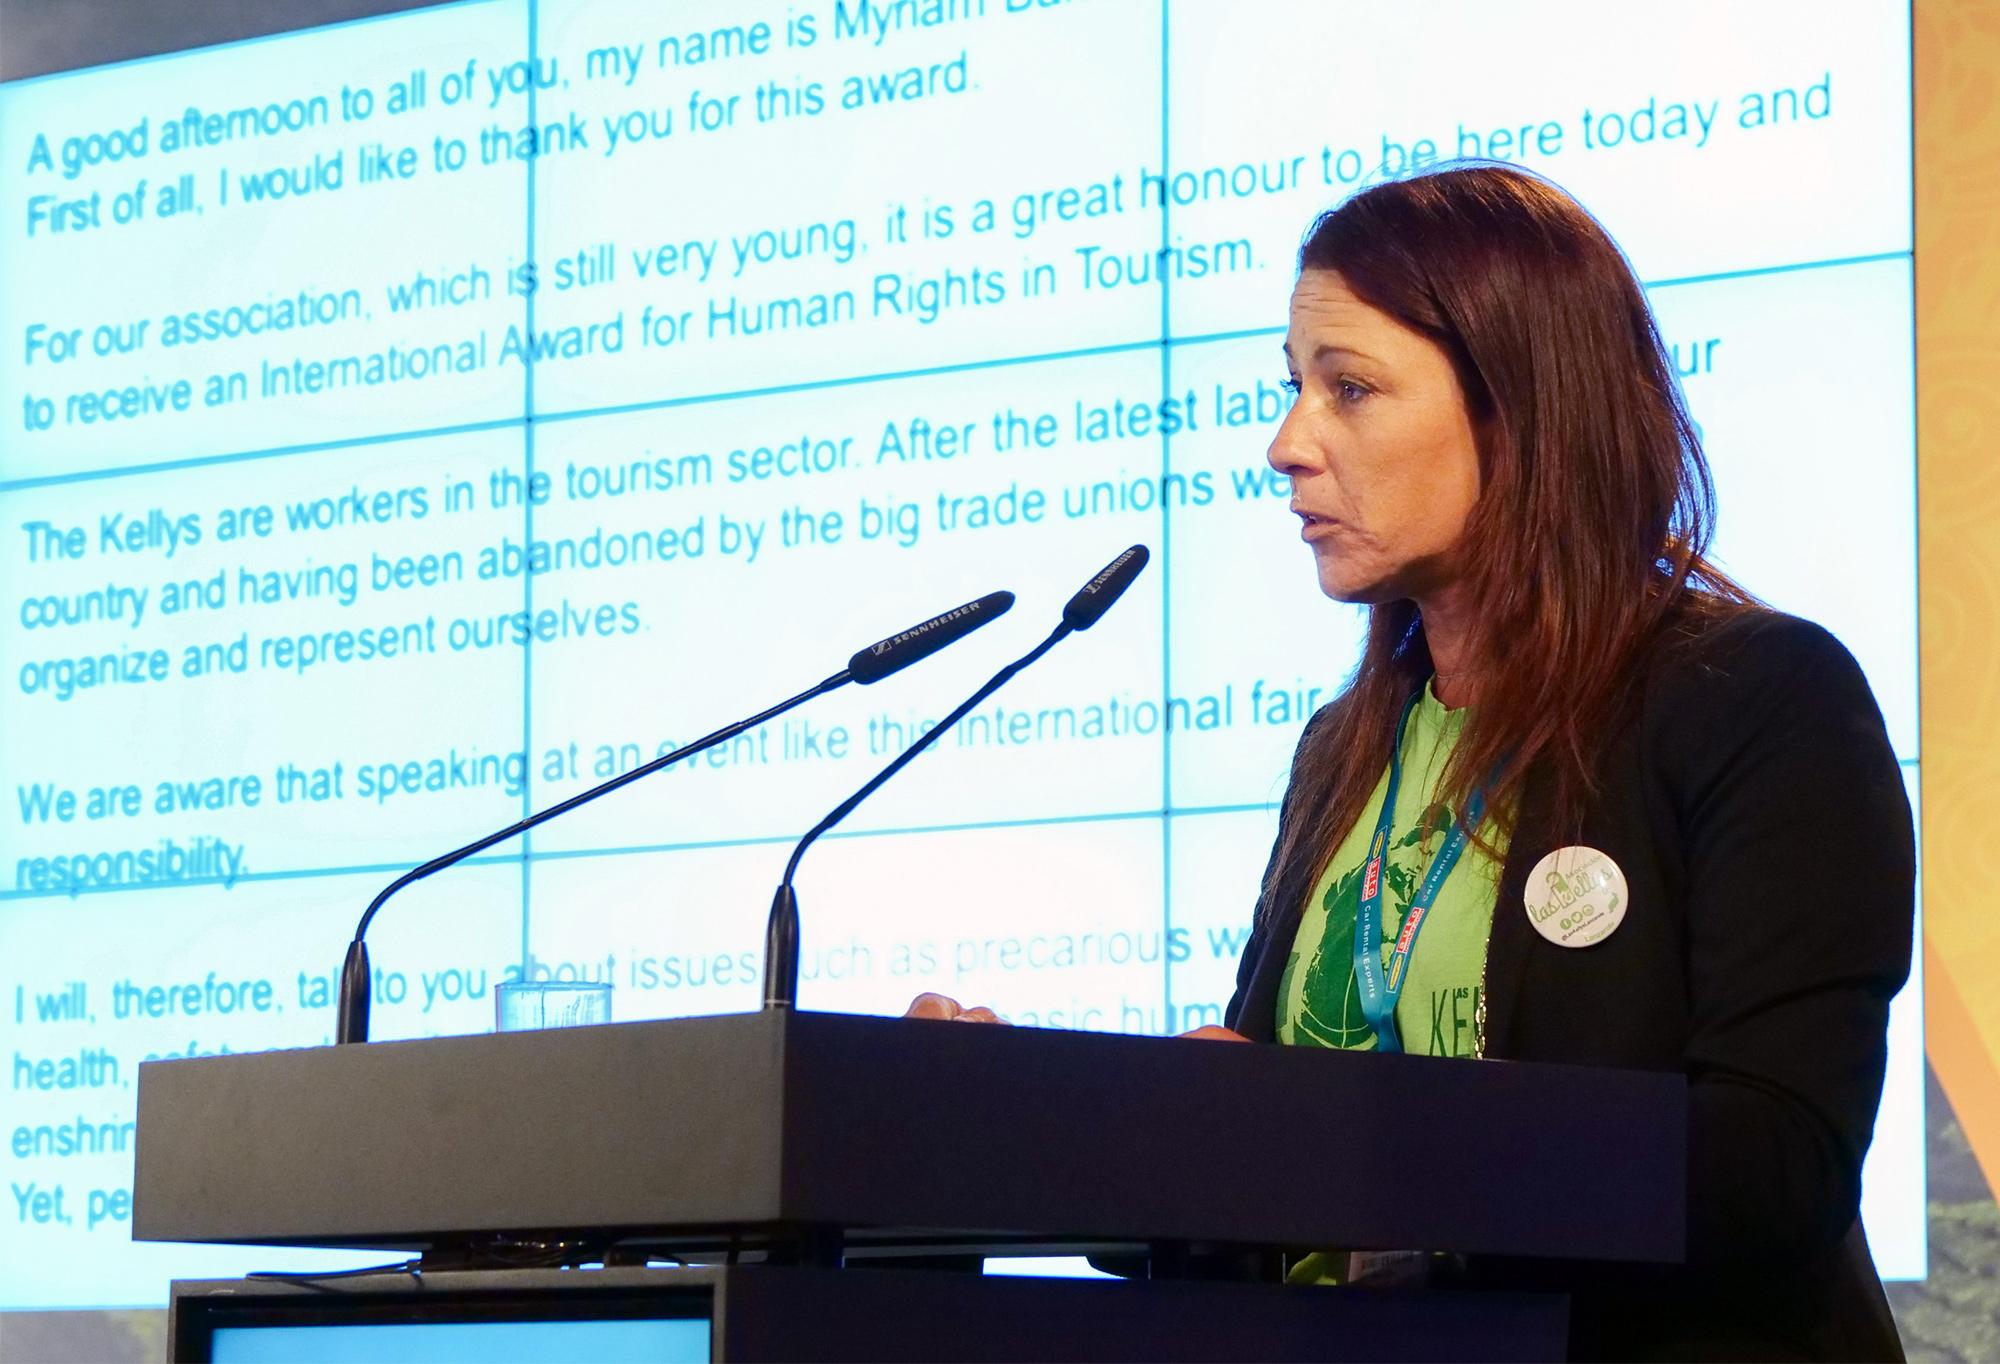 Myriam Barros setzt sich für bessere Rechte spanischer Zimmermädchen ein | Credit: Messe Berlin